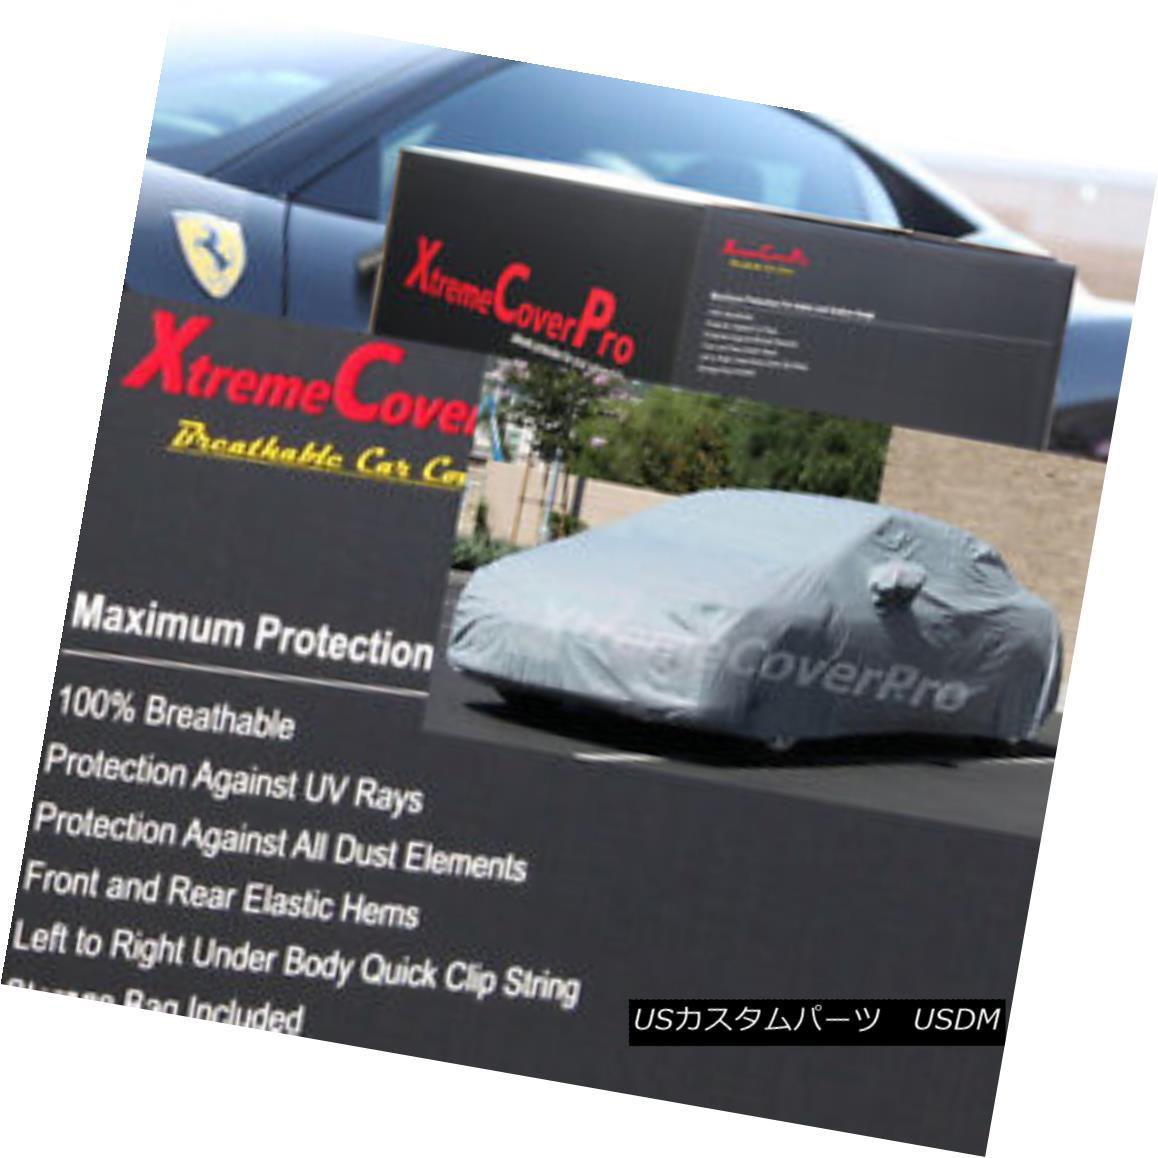 カーカバー BREATHABLE CAR COVER W/MIRROR POCKET-GREY FOR 2018 2017 2016 2015 NISSAN GT-R 2018年のBIRATHABLE CAR COVER W / MIRROR POCKET-GRAY 2017 2016 2015 NISSAN GT-R